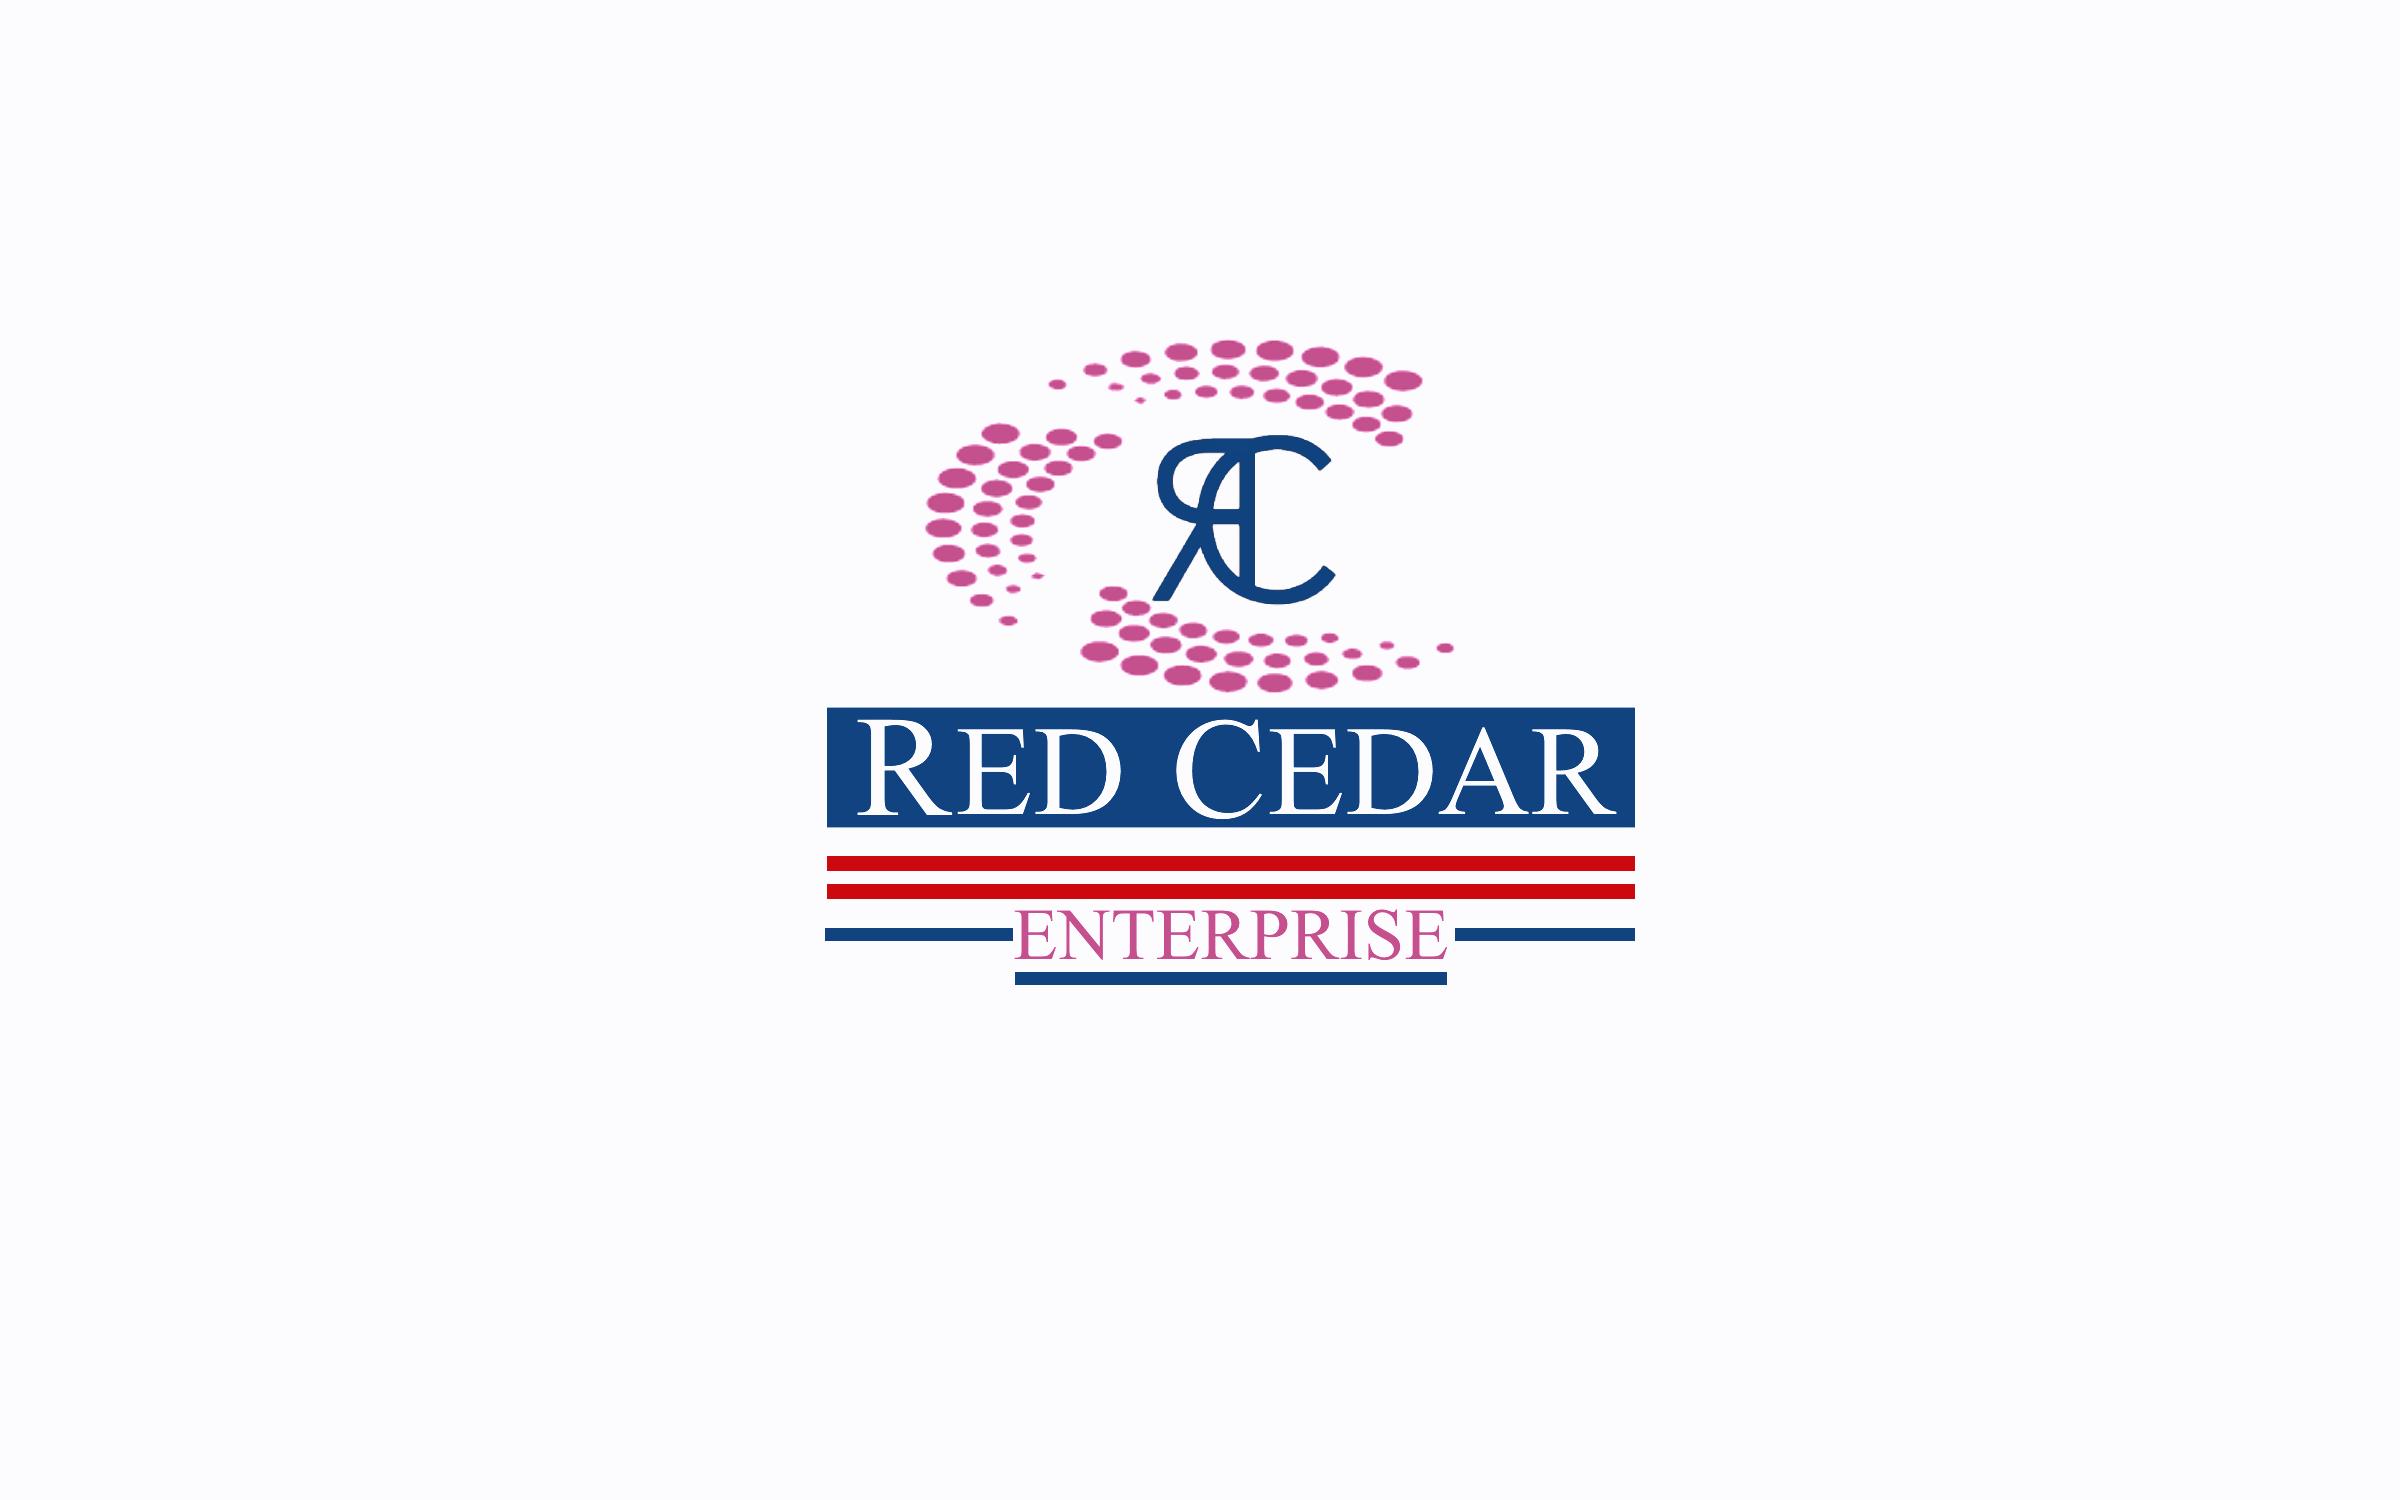 Logo Design by Roberto Bassi - Entry No. 50 in the Logo Design Contest Unique Logo Design Wanted for Red Cedar Enterprise.